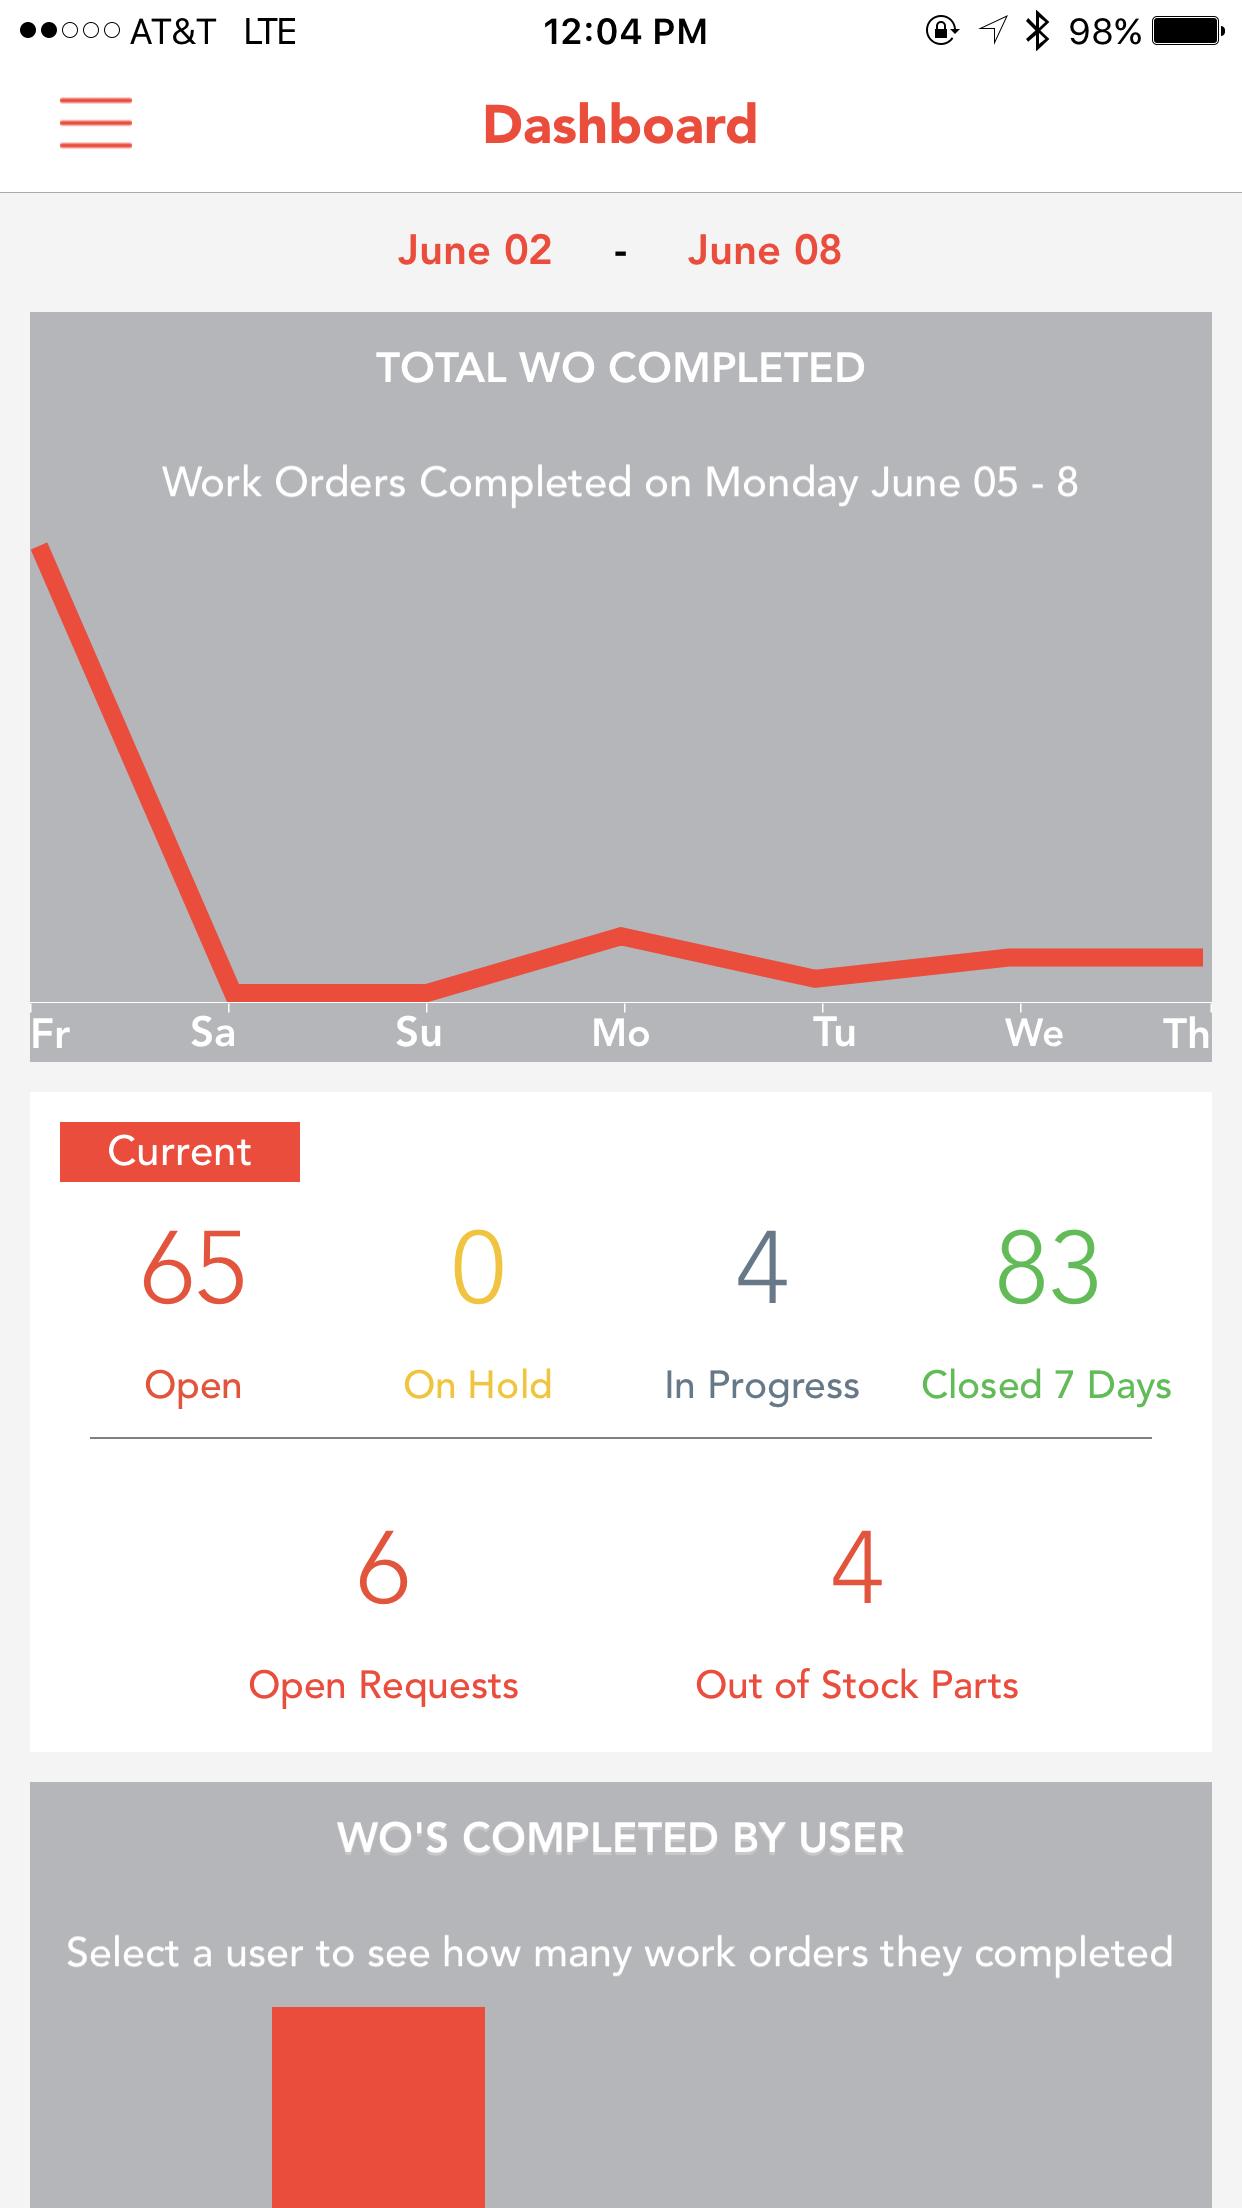 Информационная панель (дашборд) в мобильном приложении UpKeep